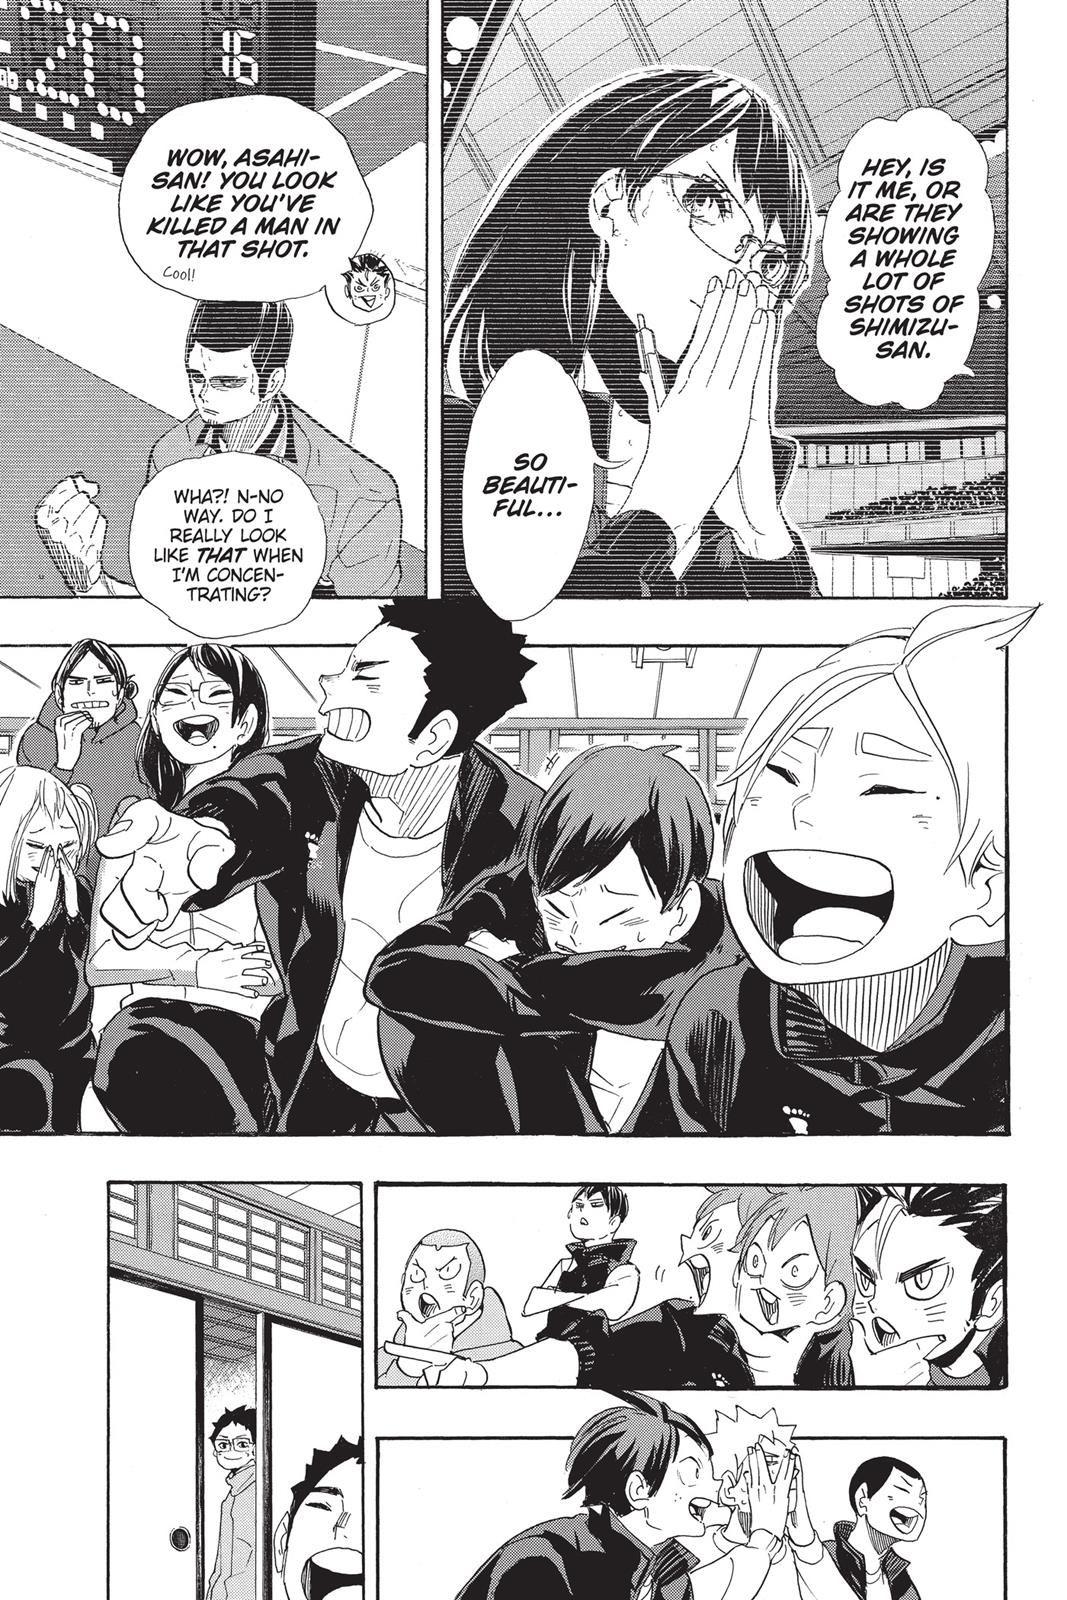 Haikyuu Chapter 292 Read Haikyuu Manga Online Haikyuu Manga Manga Covers Haikyuu Anime Start your free trial today! haikyuu chapter 292 read haikyuu